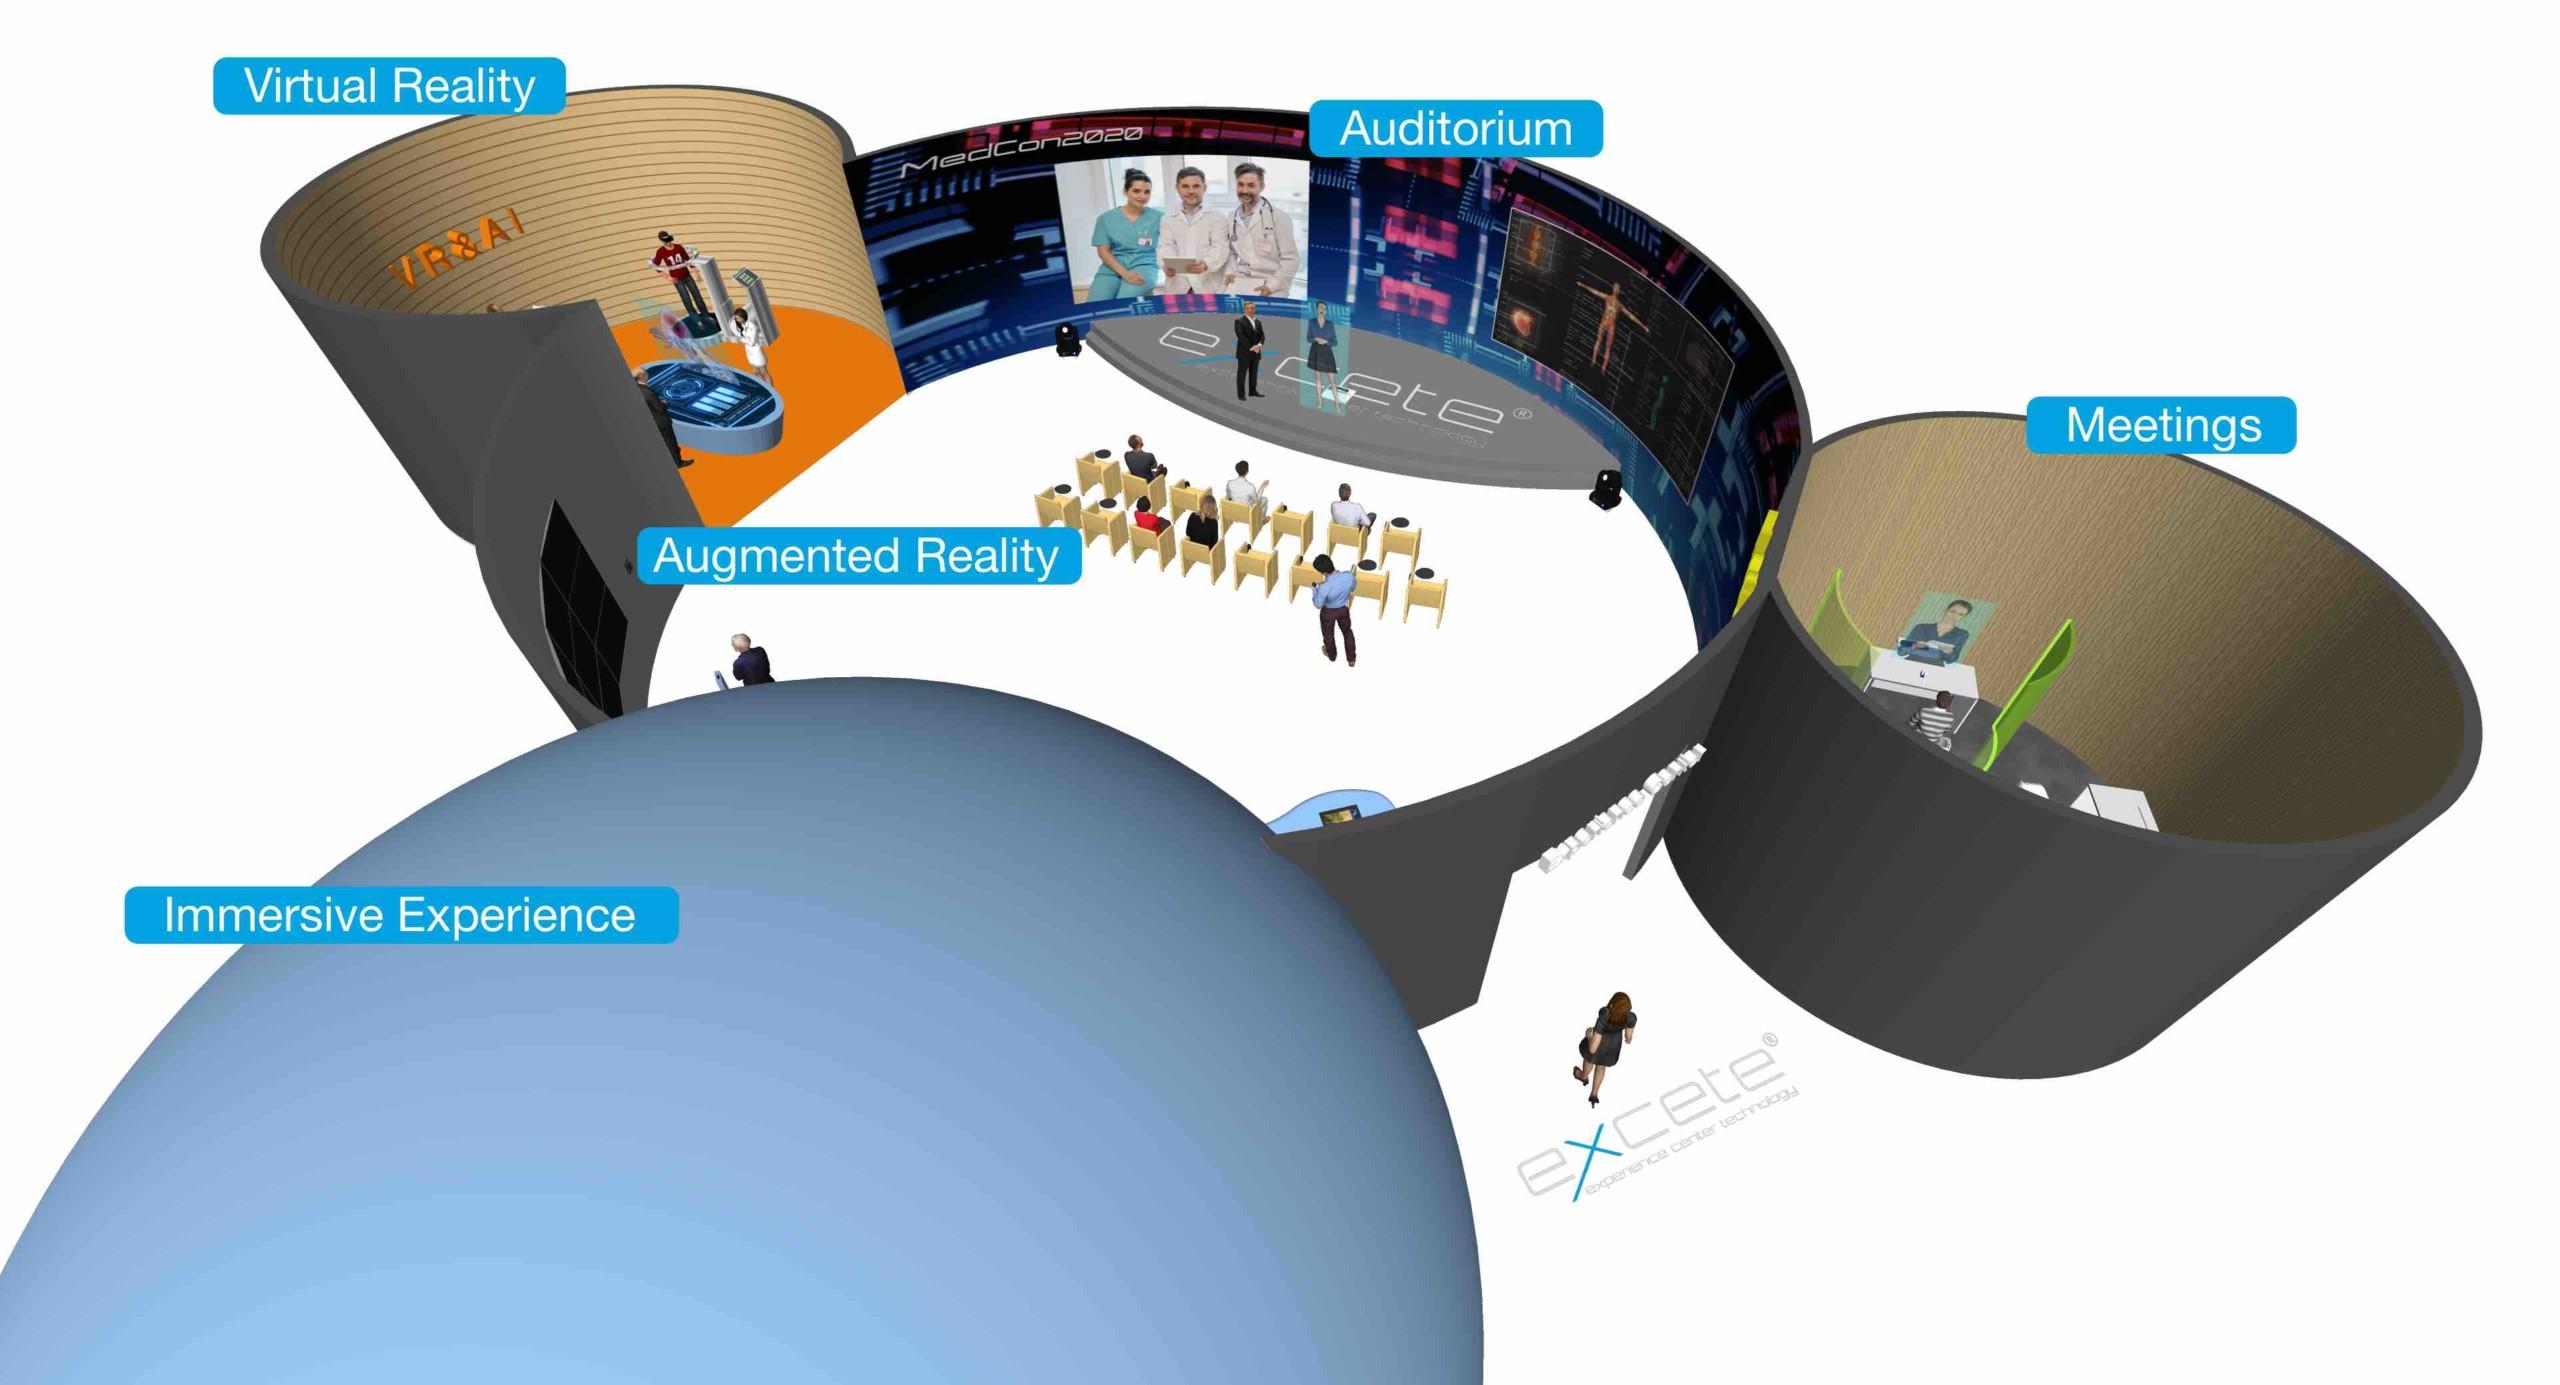 excete plant weltweites Netzwerk von MICE-Centern und Studios